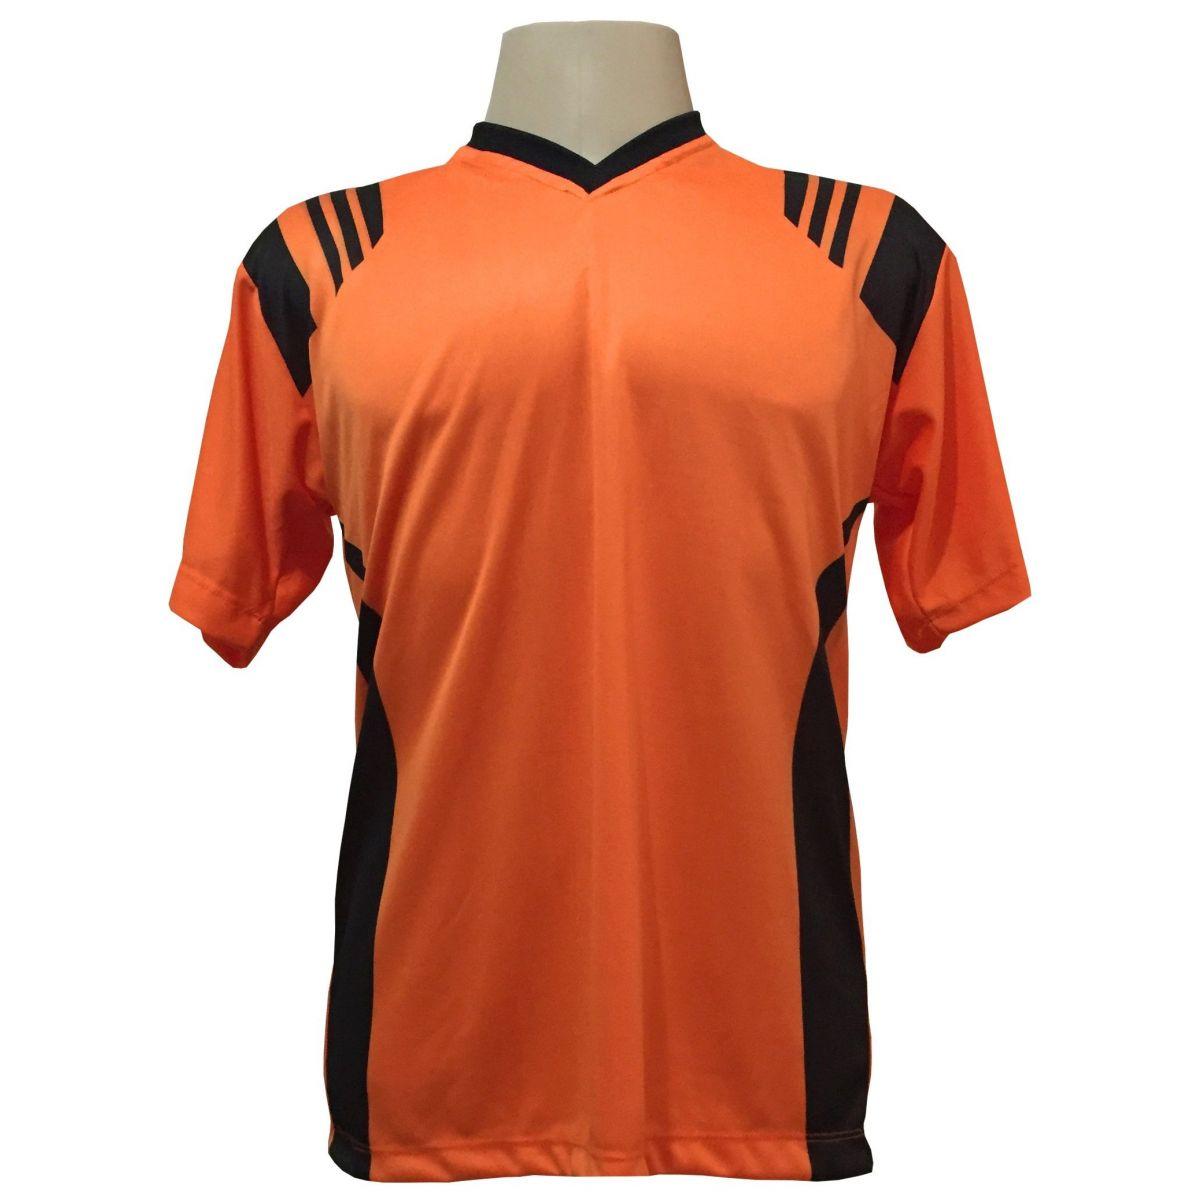 Fardamento Completo modelo Roma 18+1 (18 Camisas Laranja/Preto + 18 Calções Madrid Preto + 18 Pares de Meiões Pretos + 1 Conjunto de Goleiro) + Brindes